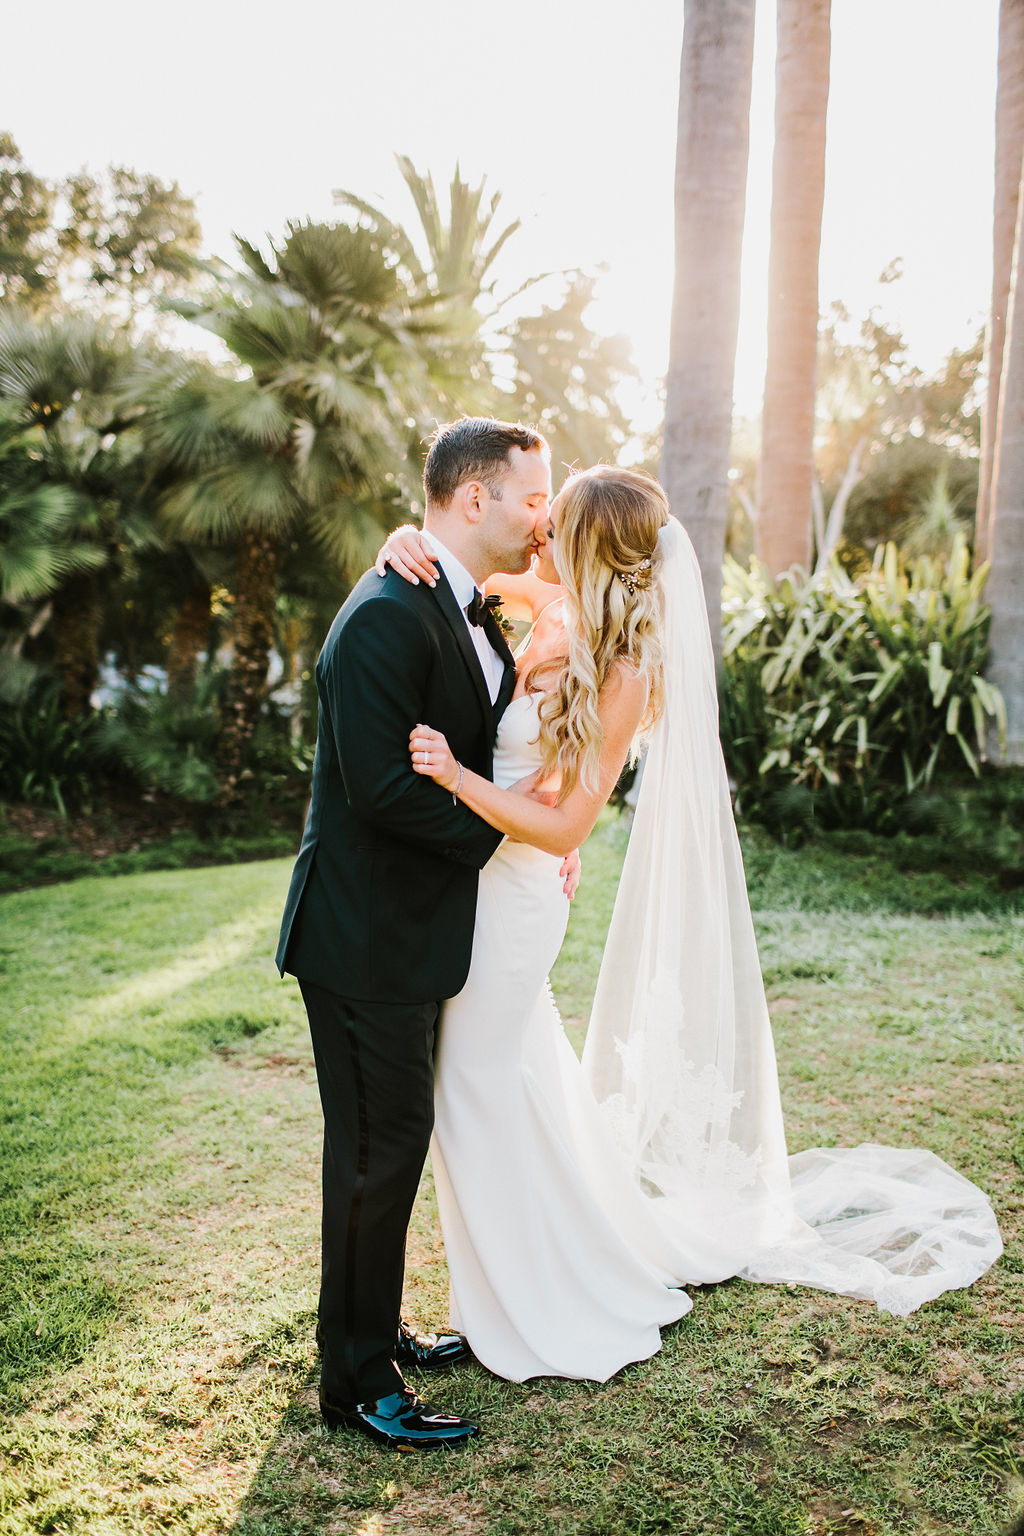 katieandjoey-married-teasers-16.jpg